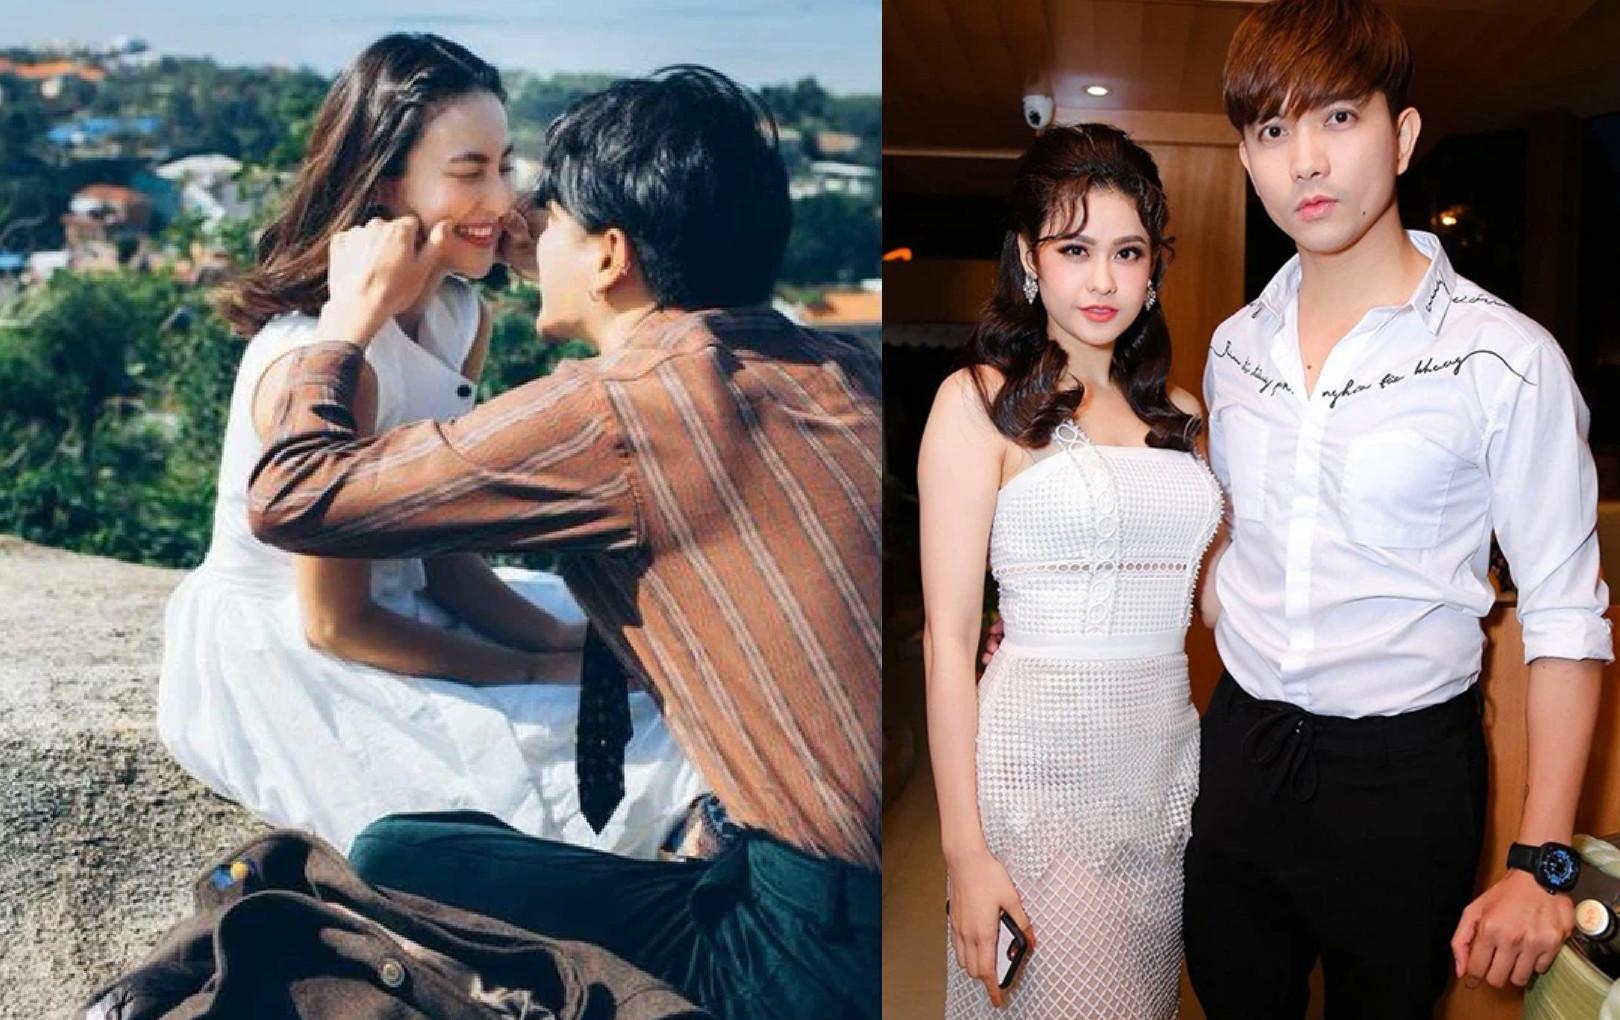 """Tim chính thức công khai bạn gái mới, còn thả luôn """"cẩu lương"""" cực mùi mẫn hậu 3 năm ly hôn Trương Quỳnh Anh?"""